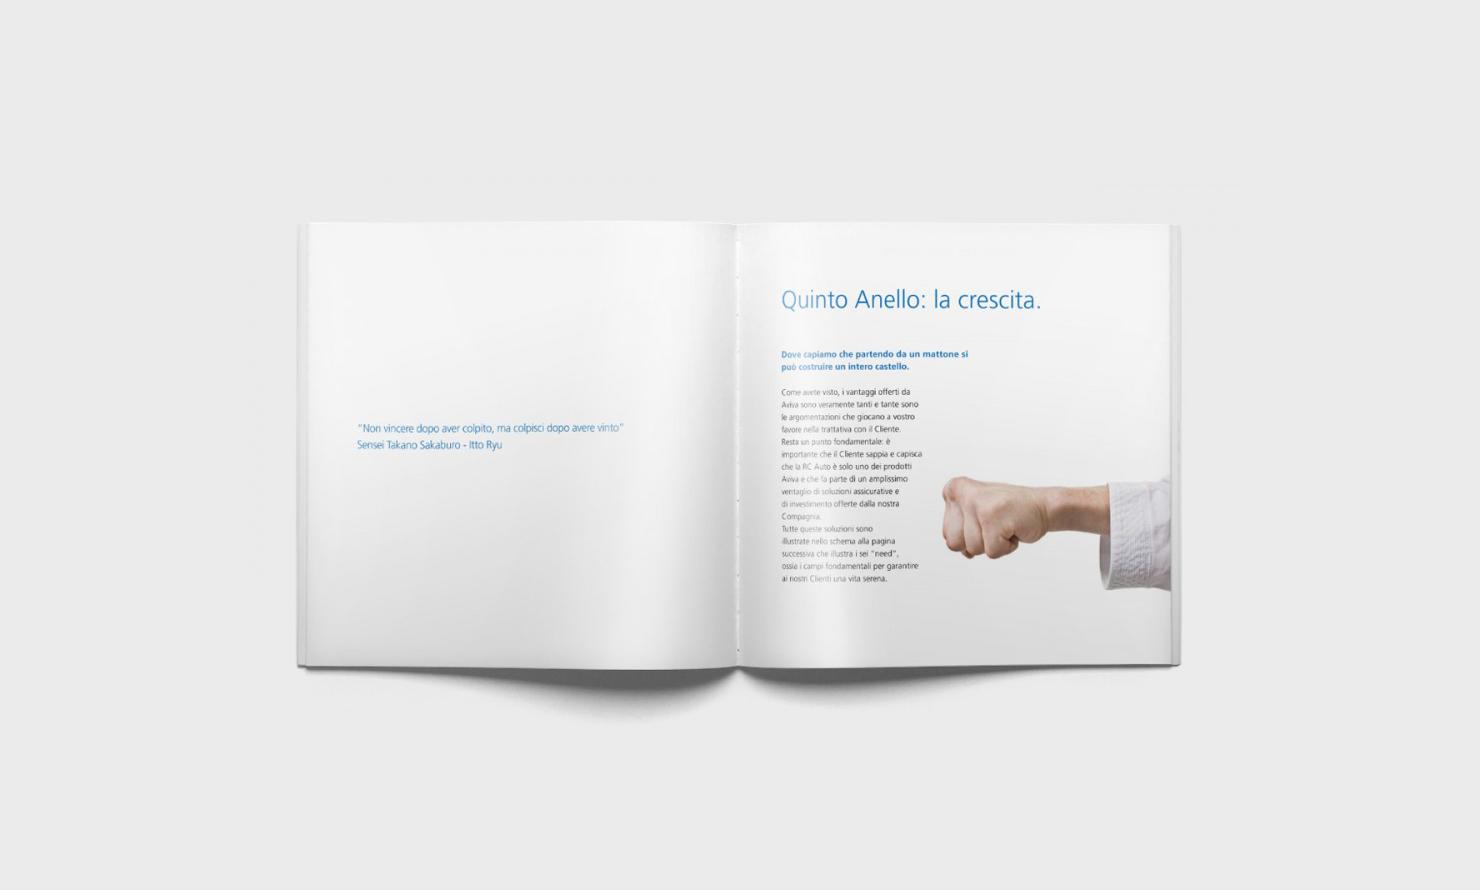 https://kubelibre.com/uploads/Slider-work-tutti-clienti/aviva-kit-agenti-il-libro-dei-cinque-anelli-4.jpg